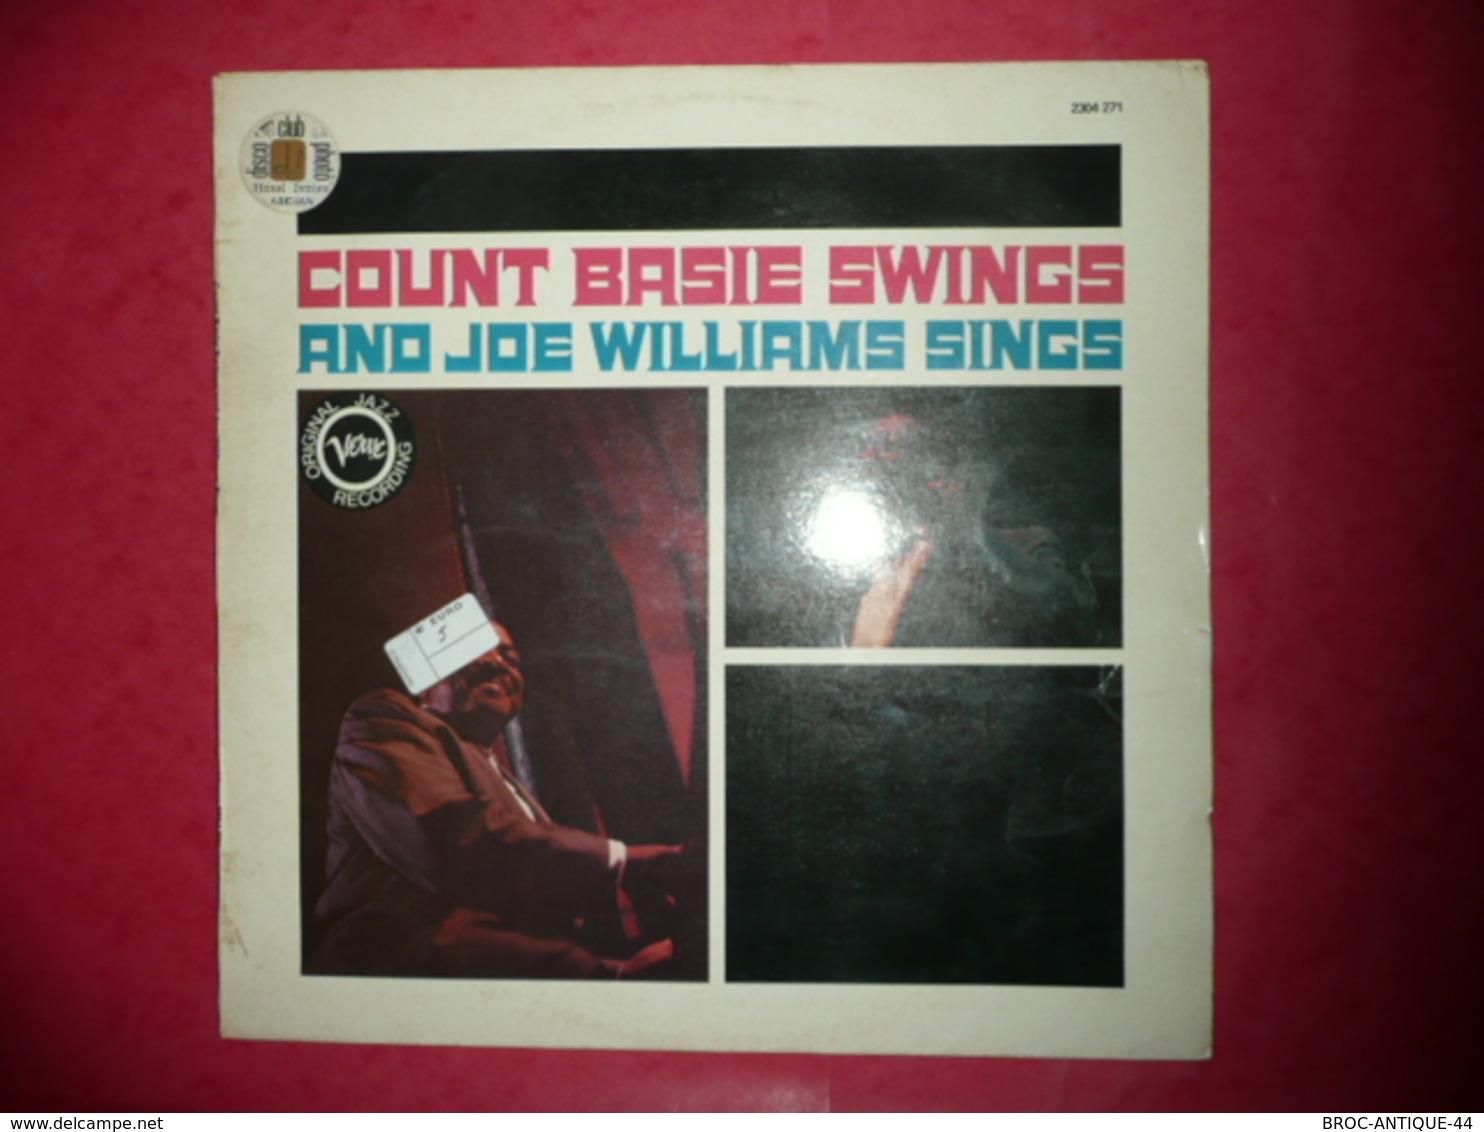 LP33 N°570 - COUNT BASIE SWINGS AND JOE WILLIAMS SWINGS - COMPILATION 9 TITRES - Jazz